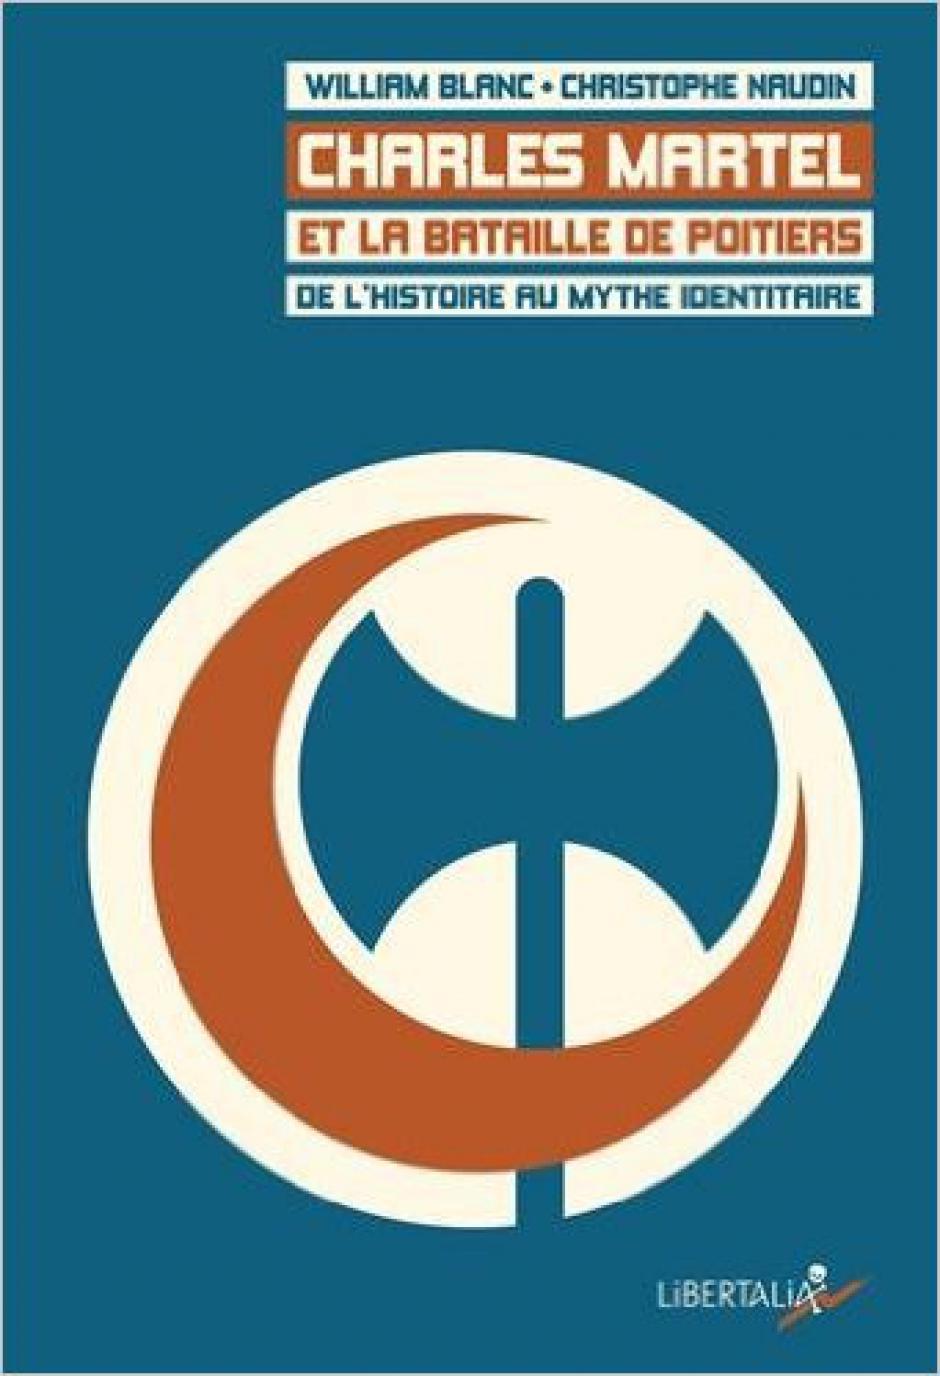 Retour sur la bataille de Poitiers : quand l'histoire invalide le discours identitaire,  entretien avec William Blanc et Christophe Naudin*